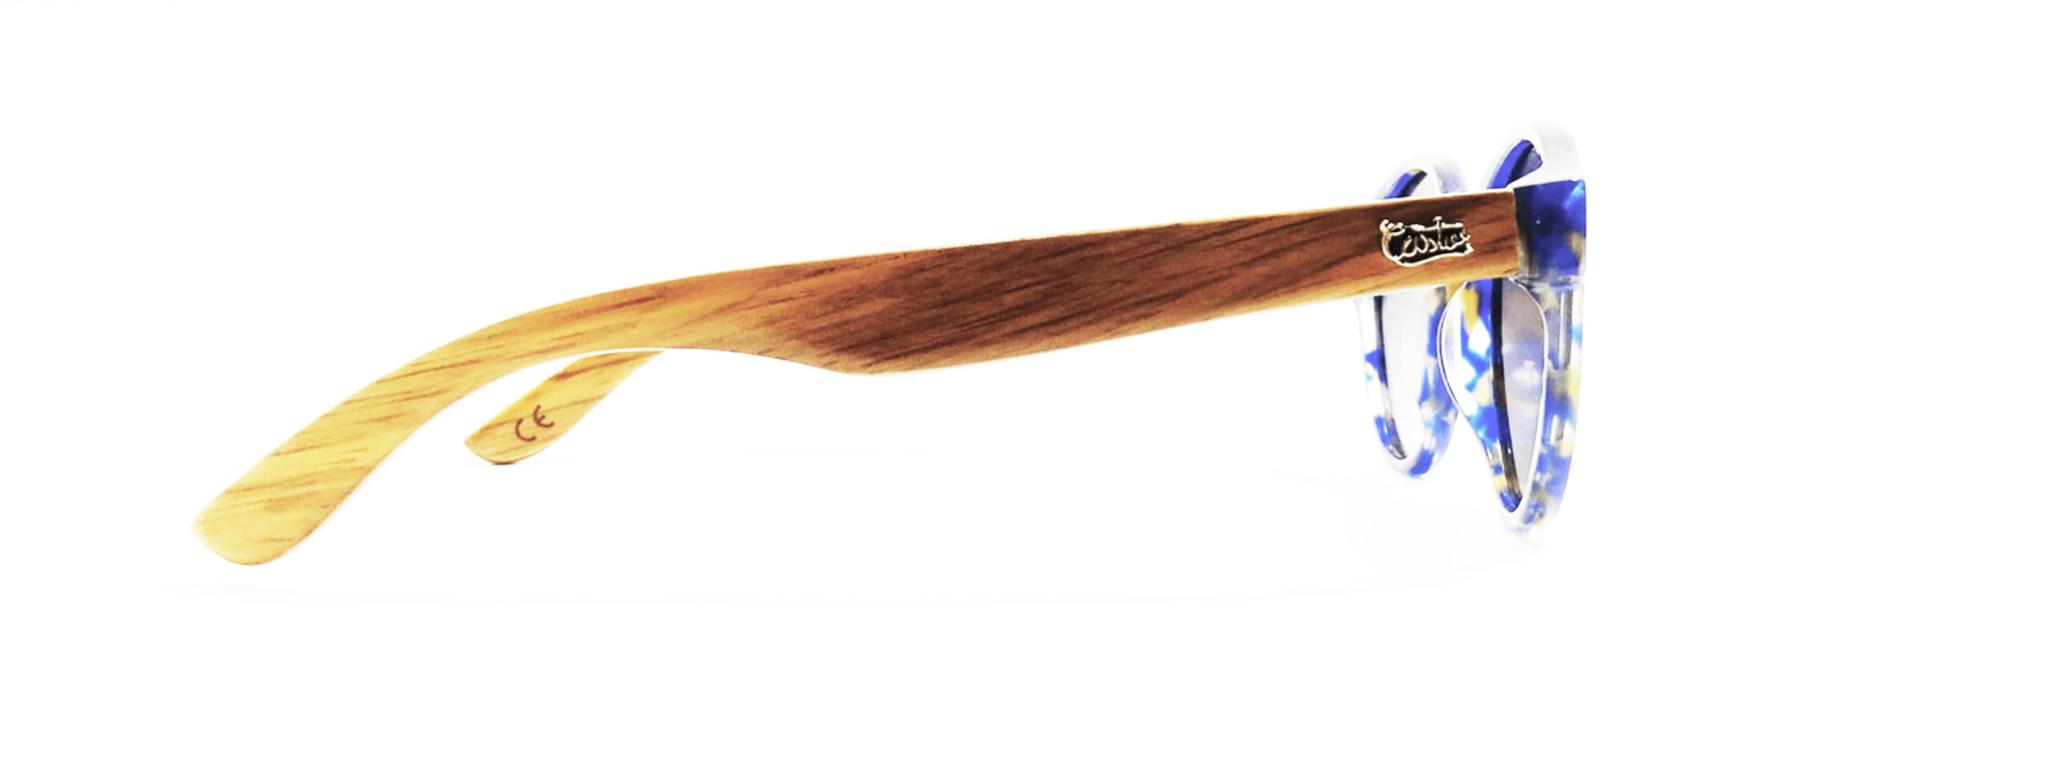 fc261e43-219c-gafas-de-sol